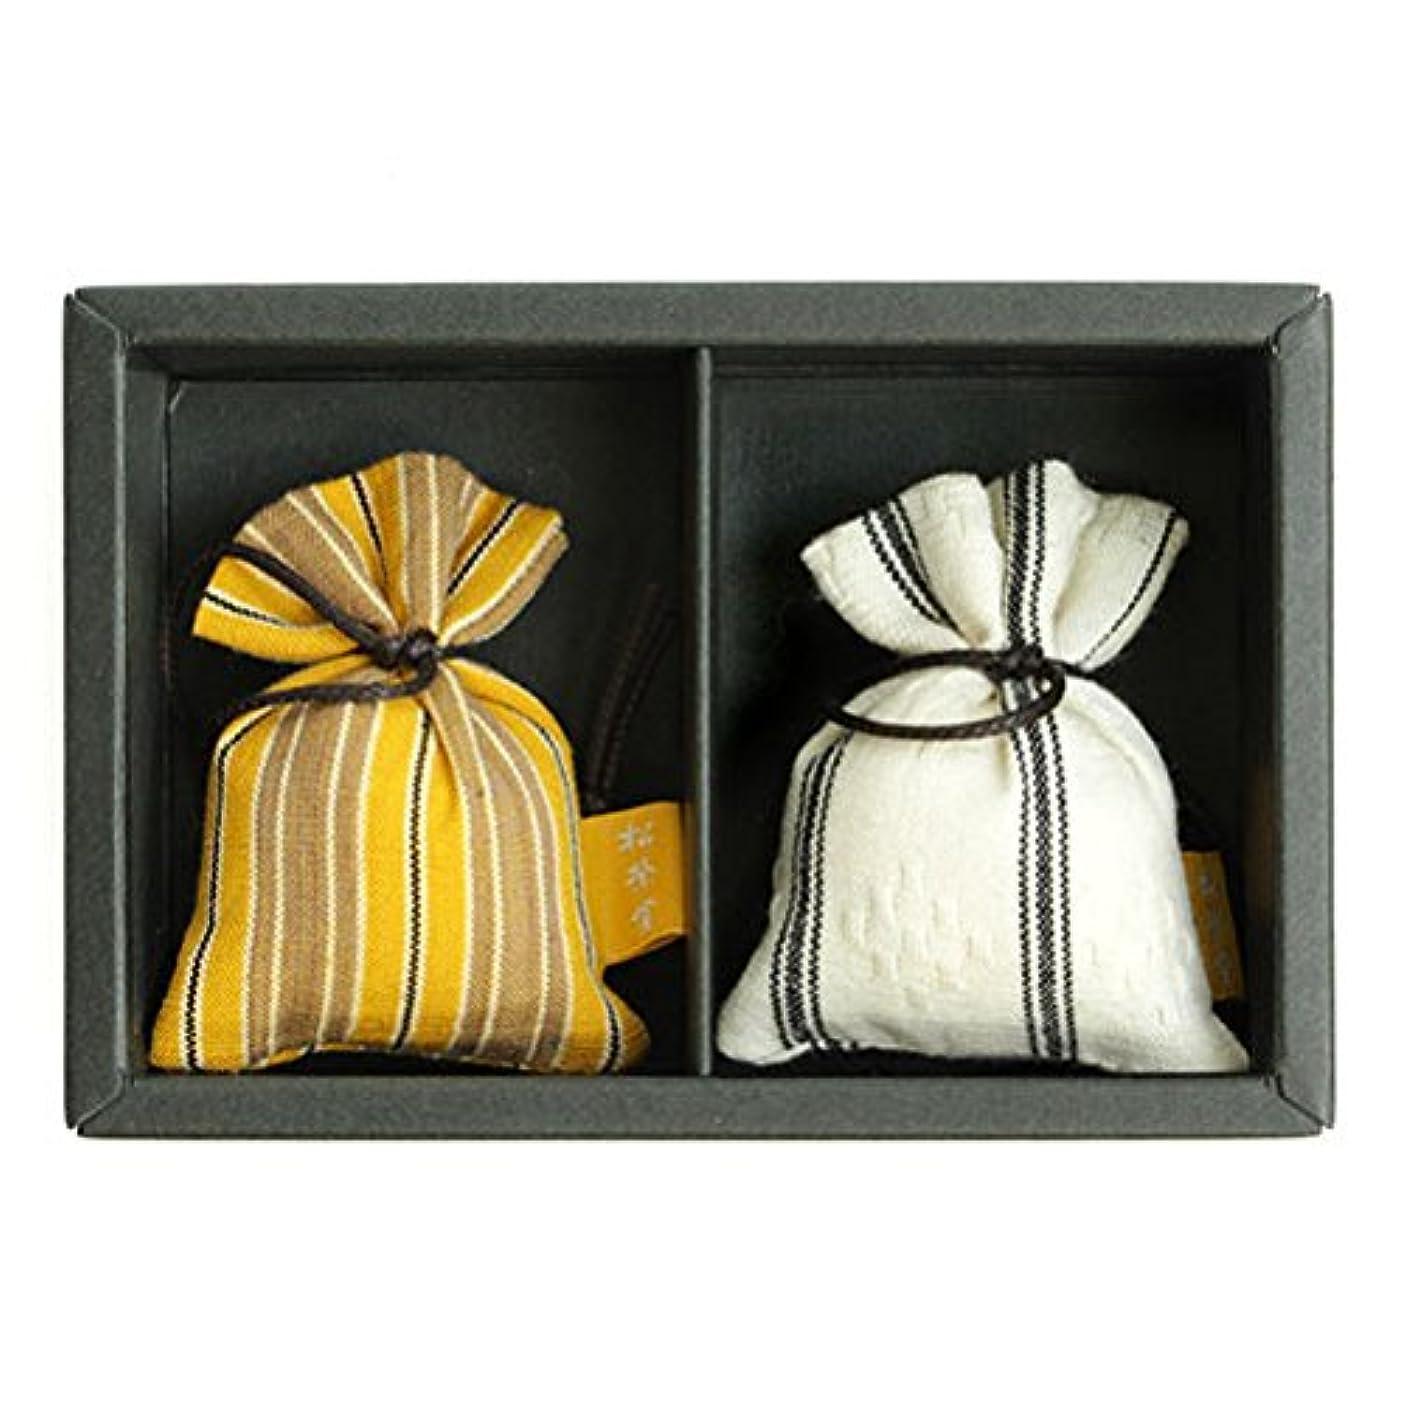 煩わしいブルダーリン匂い袋 誰が袖 ルリック(縞) 2個入 松栄堂 Shoyeido 本体長さ60mm (色?柄は選べません)